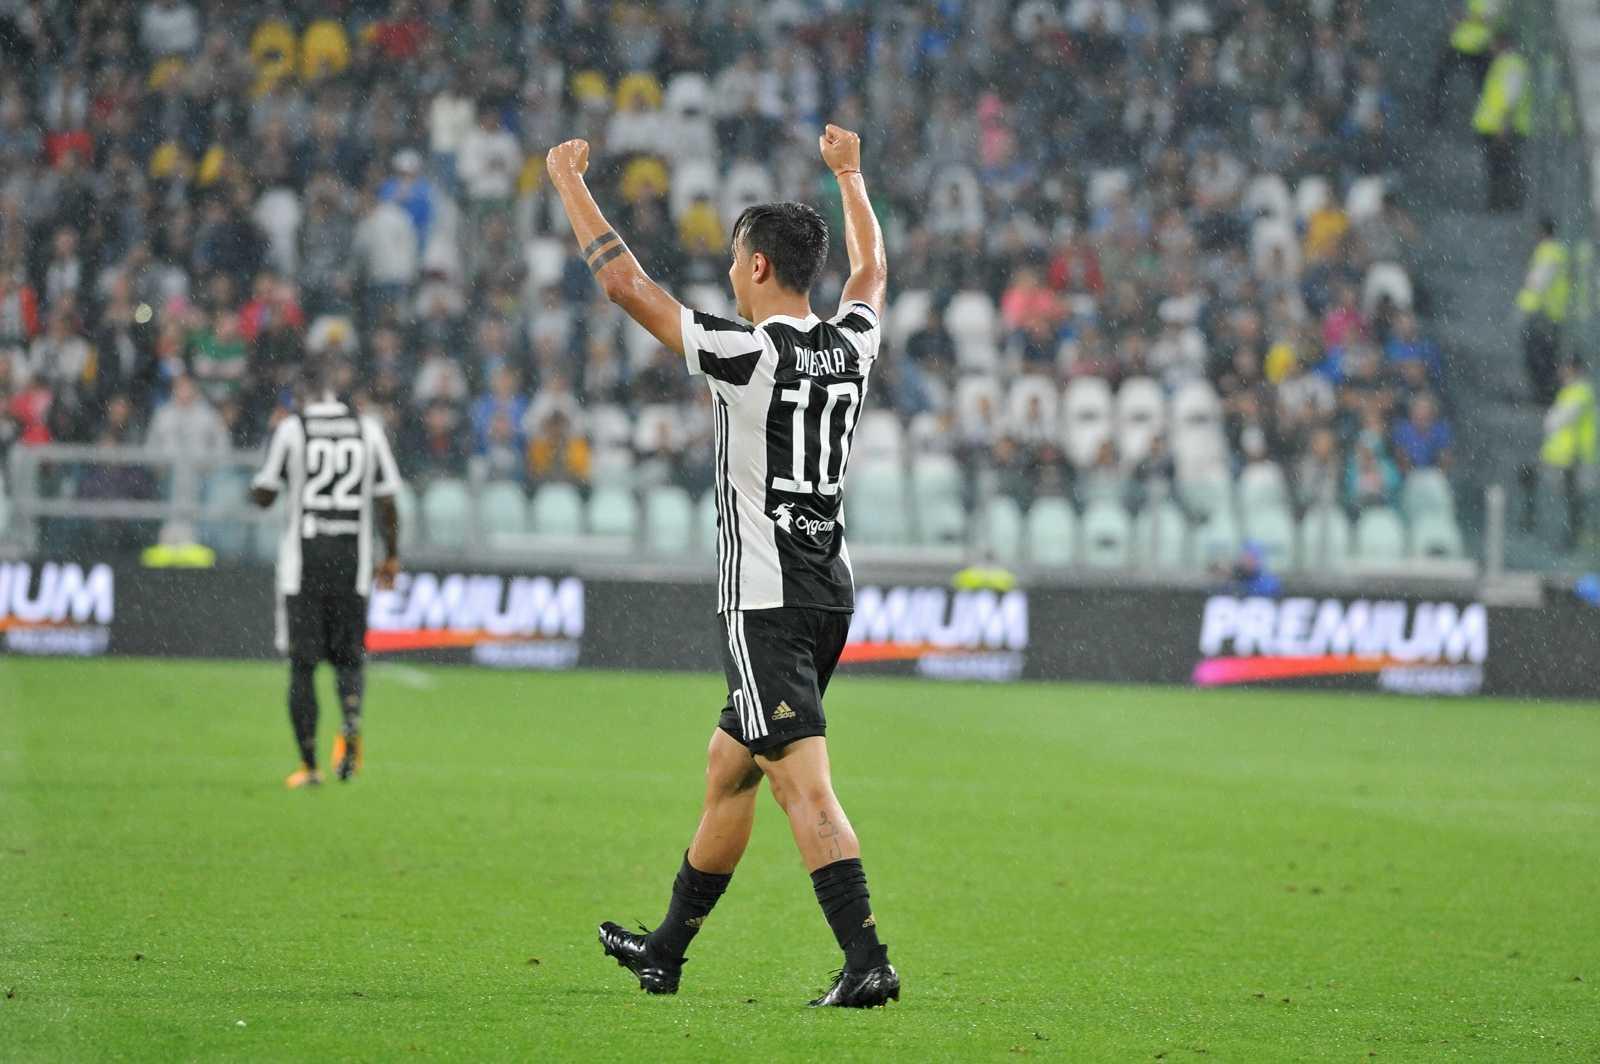 Juventus channel ma perche cosi zuliani pagina cestino